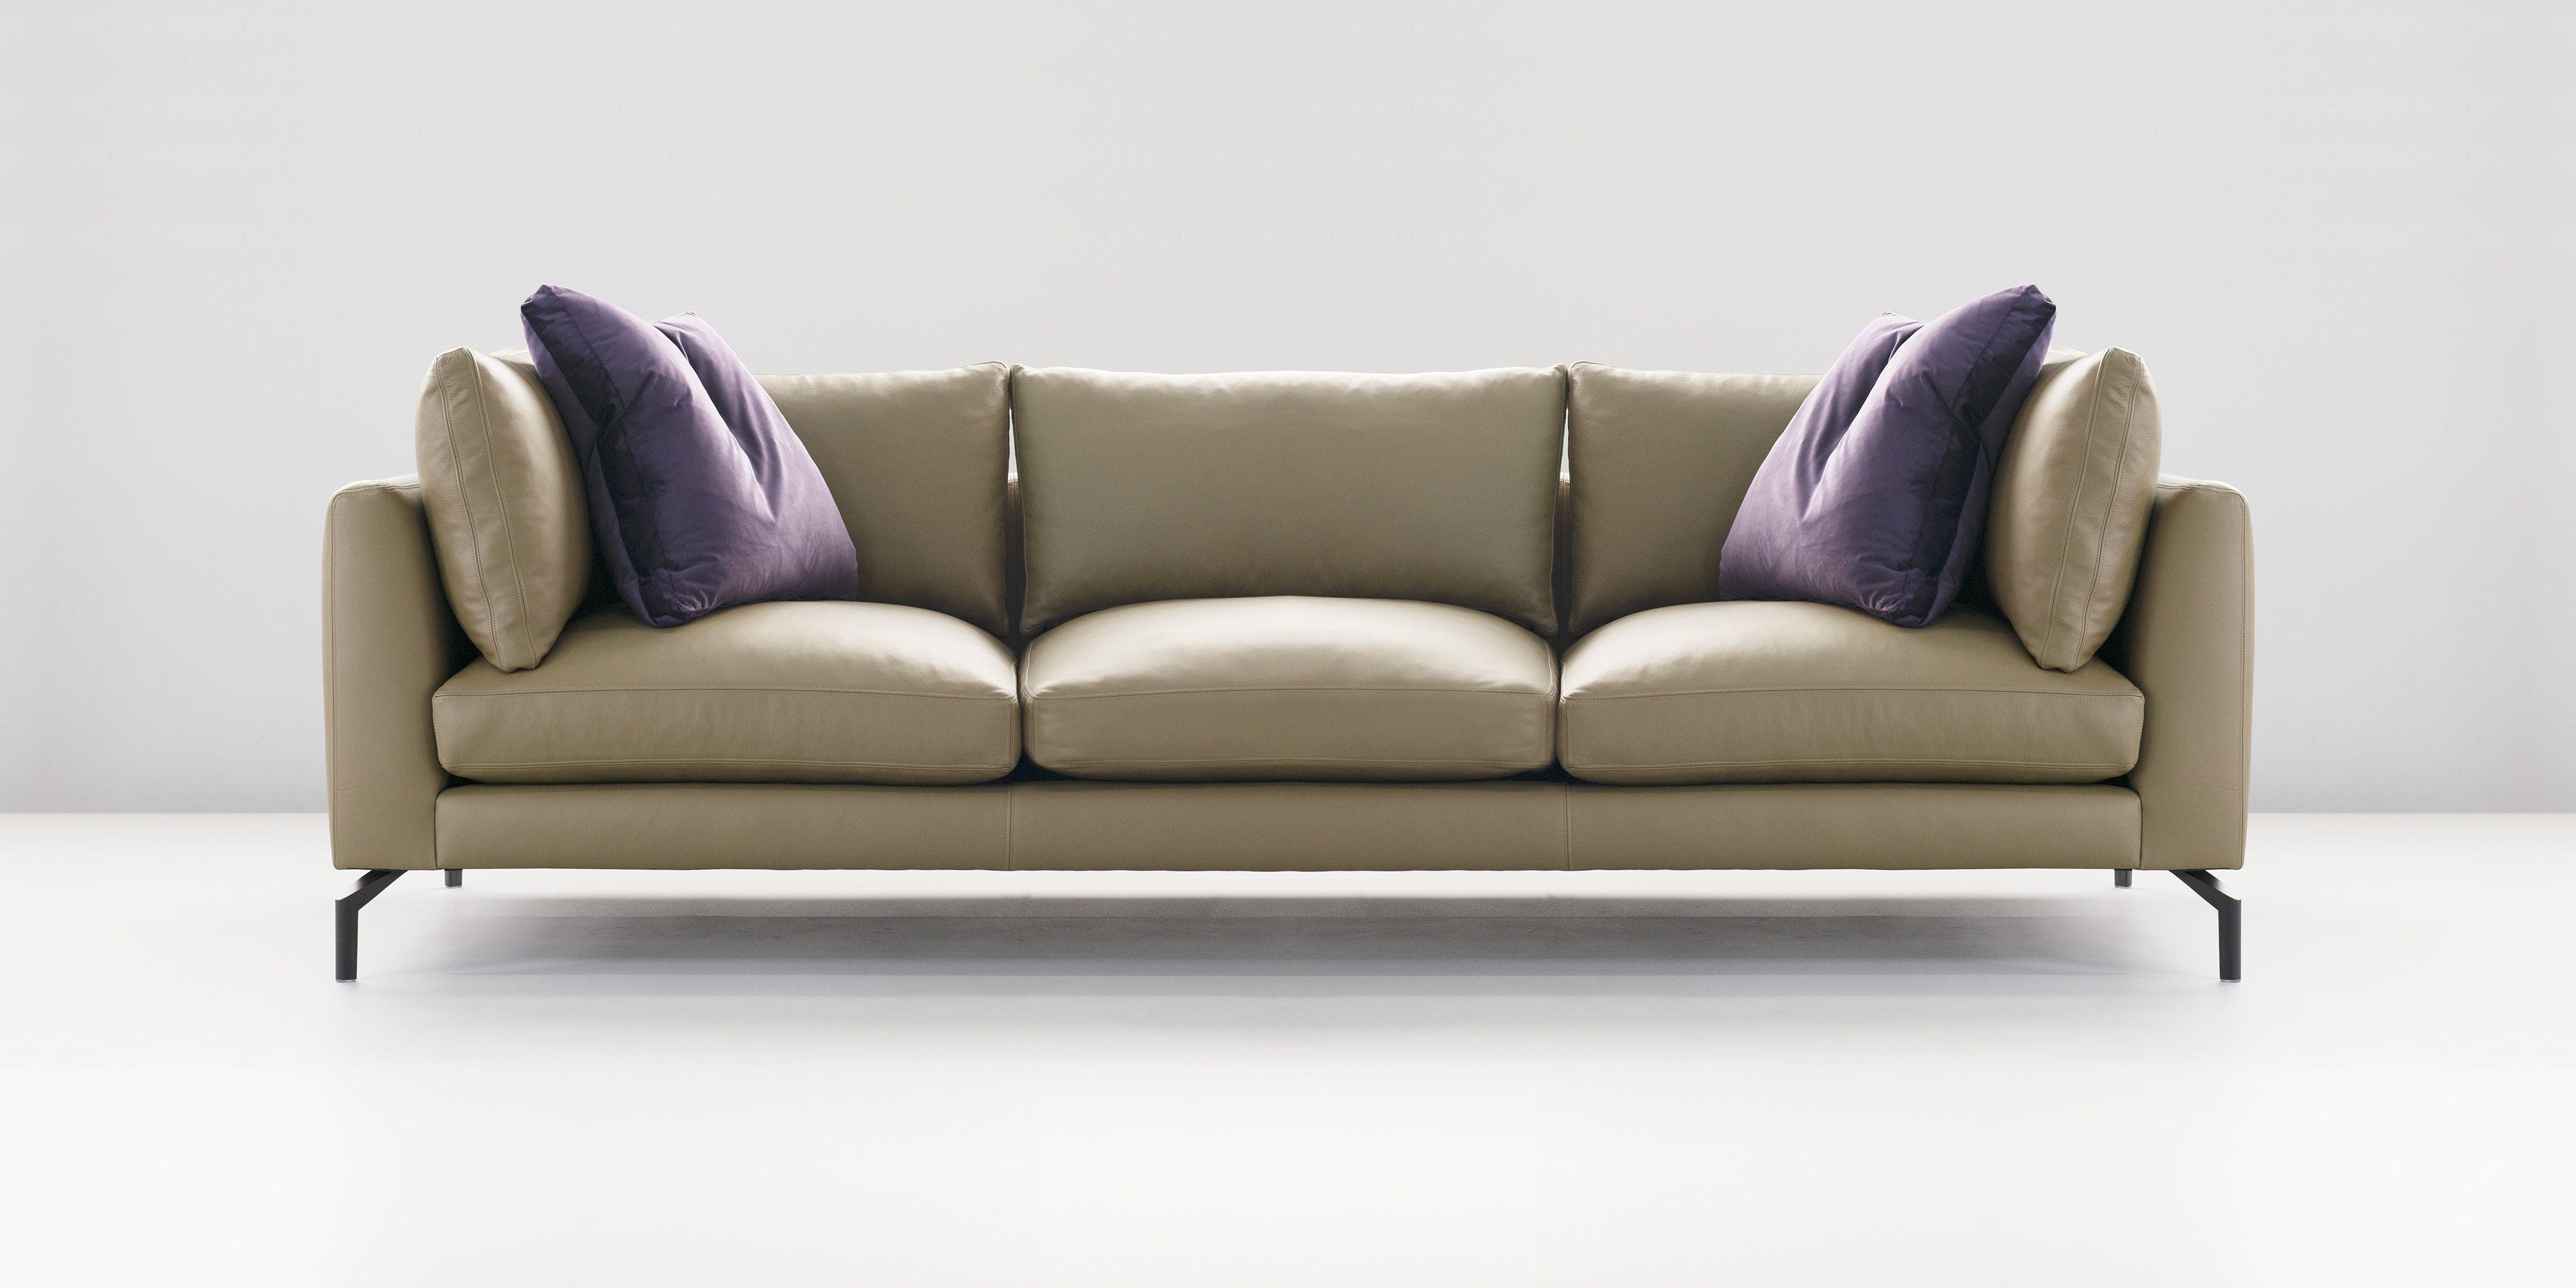 Gable Sofa Large Sofa Large Sofa Fashion Room